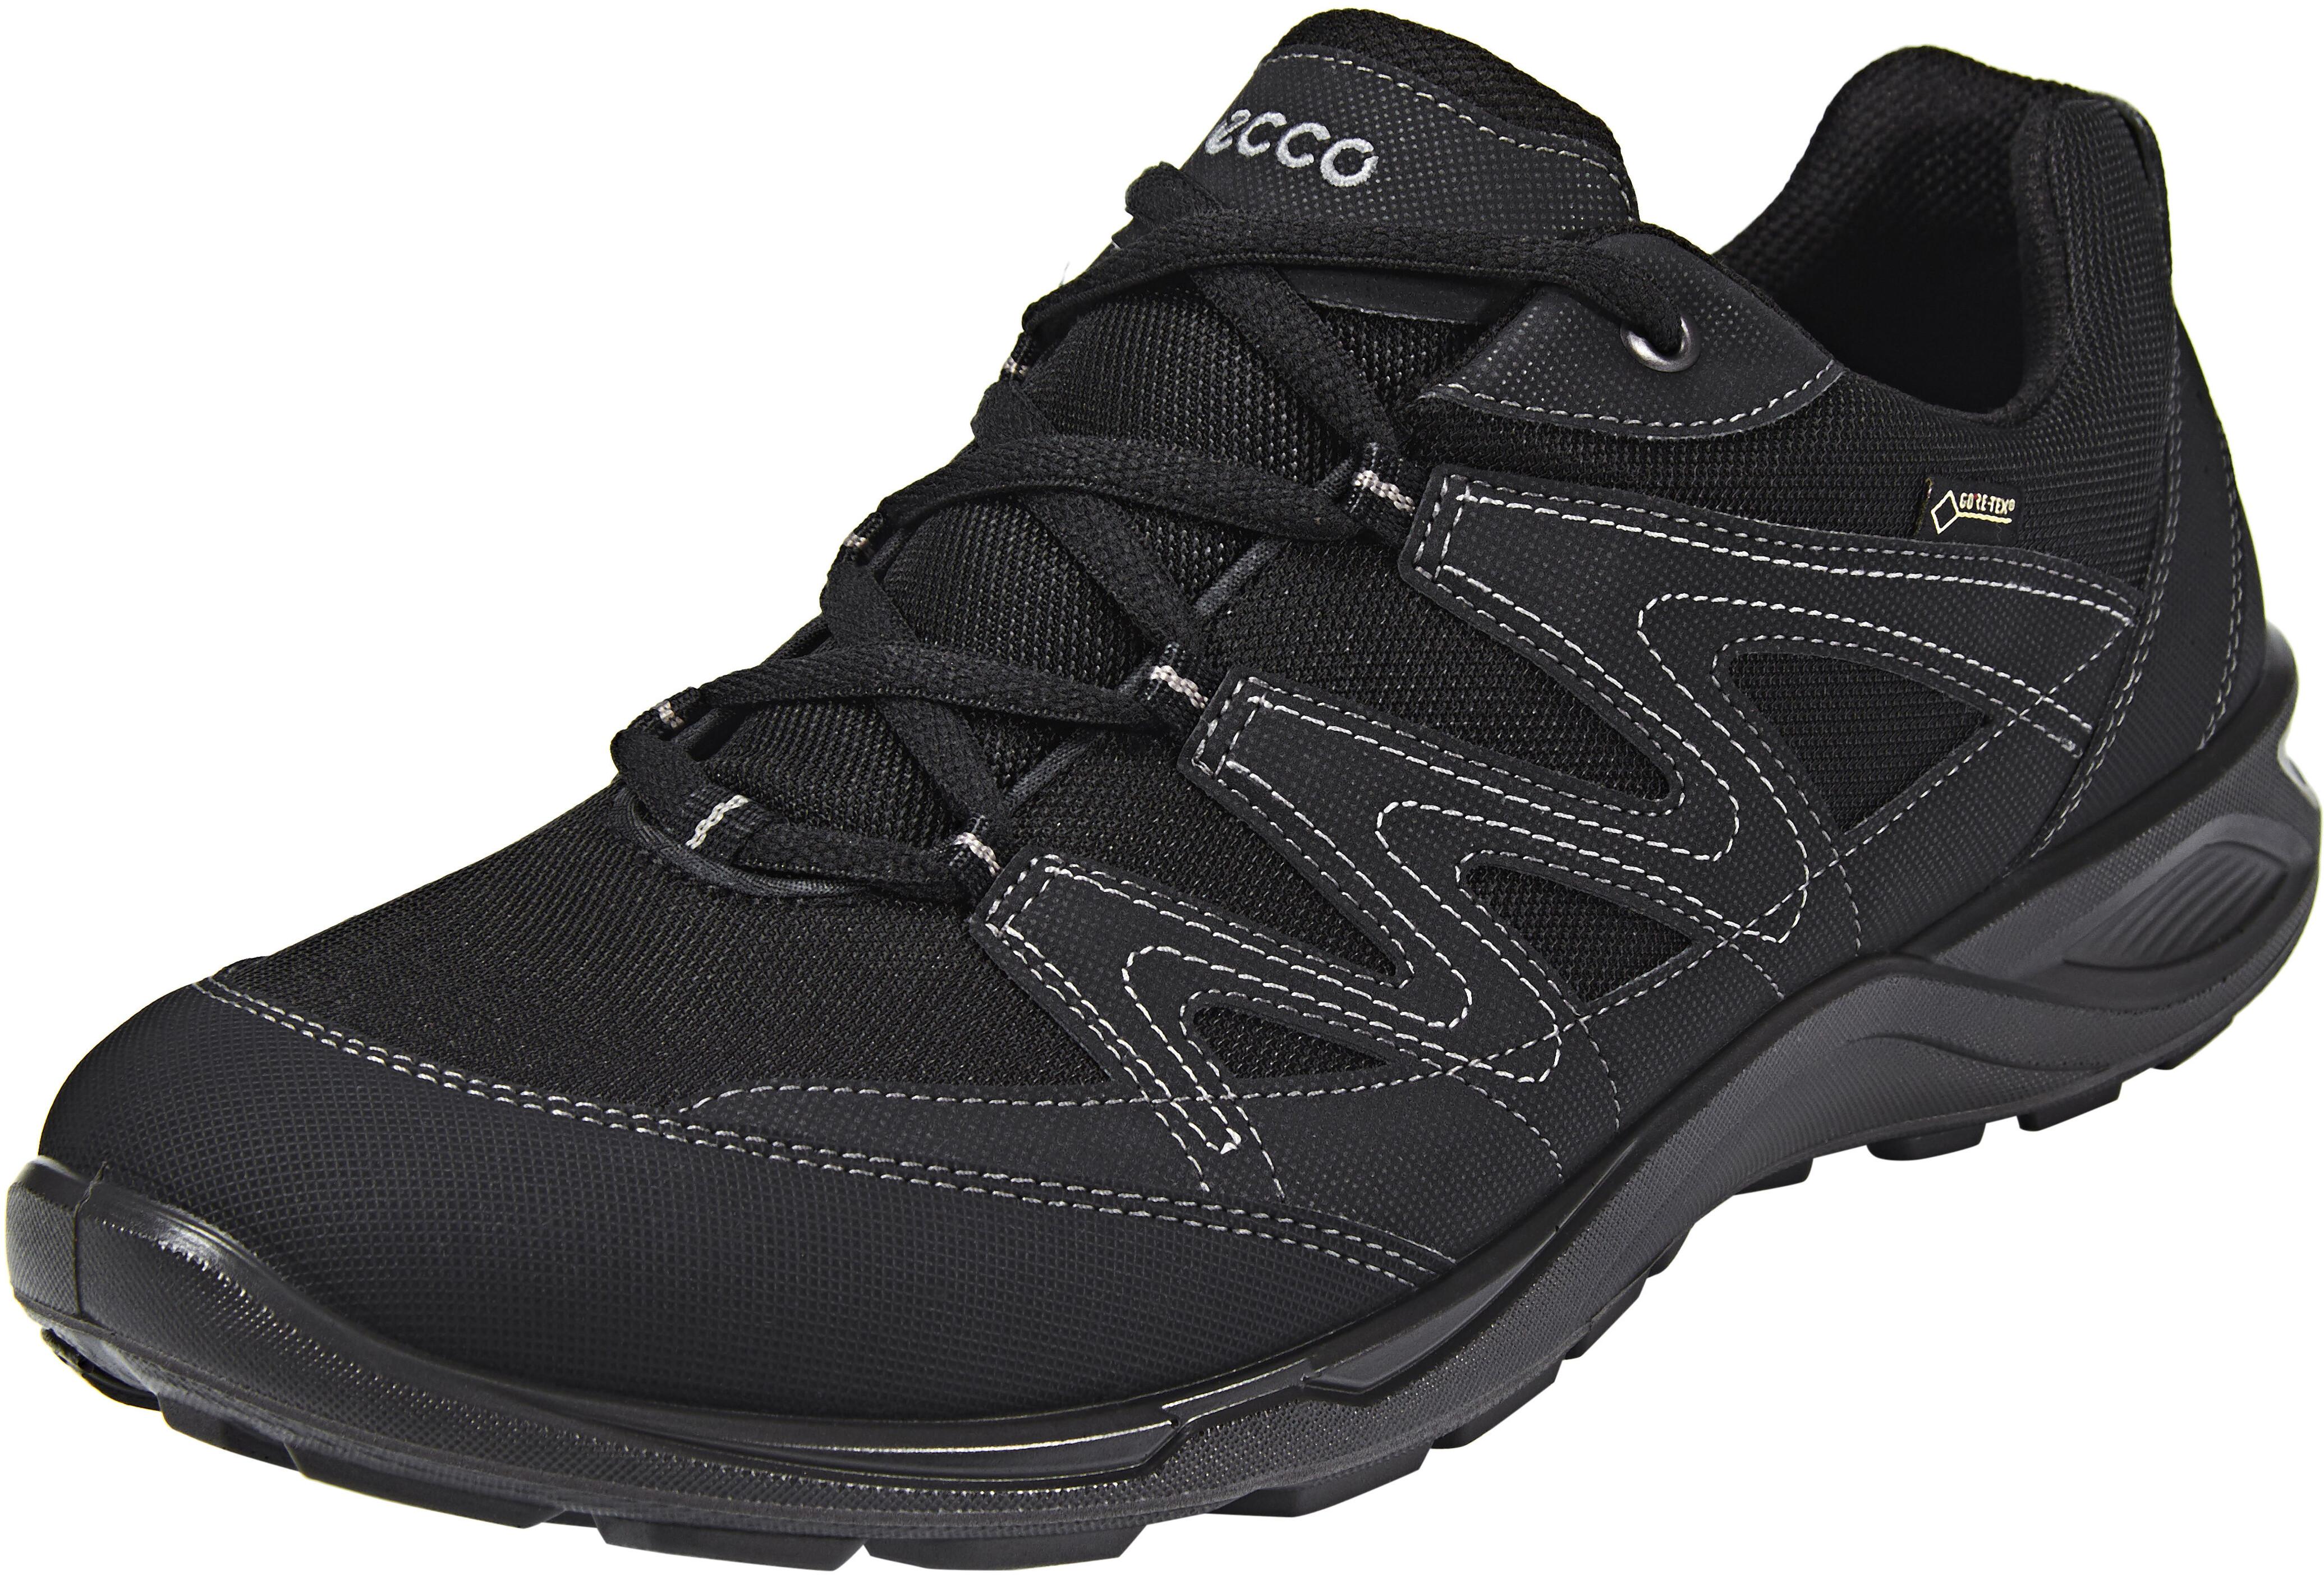 4816697b5caf ECCO Terracruise LT Shoes Men